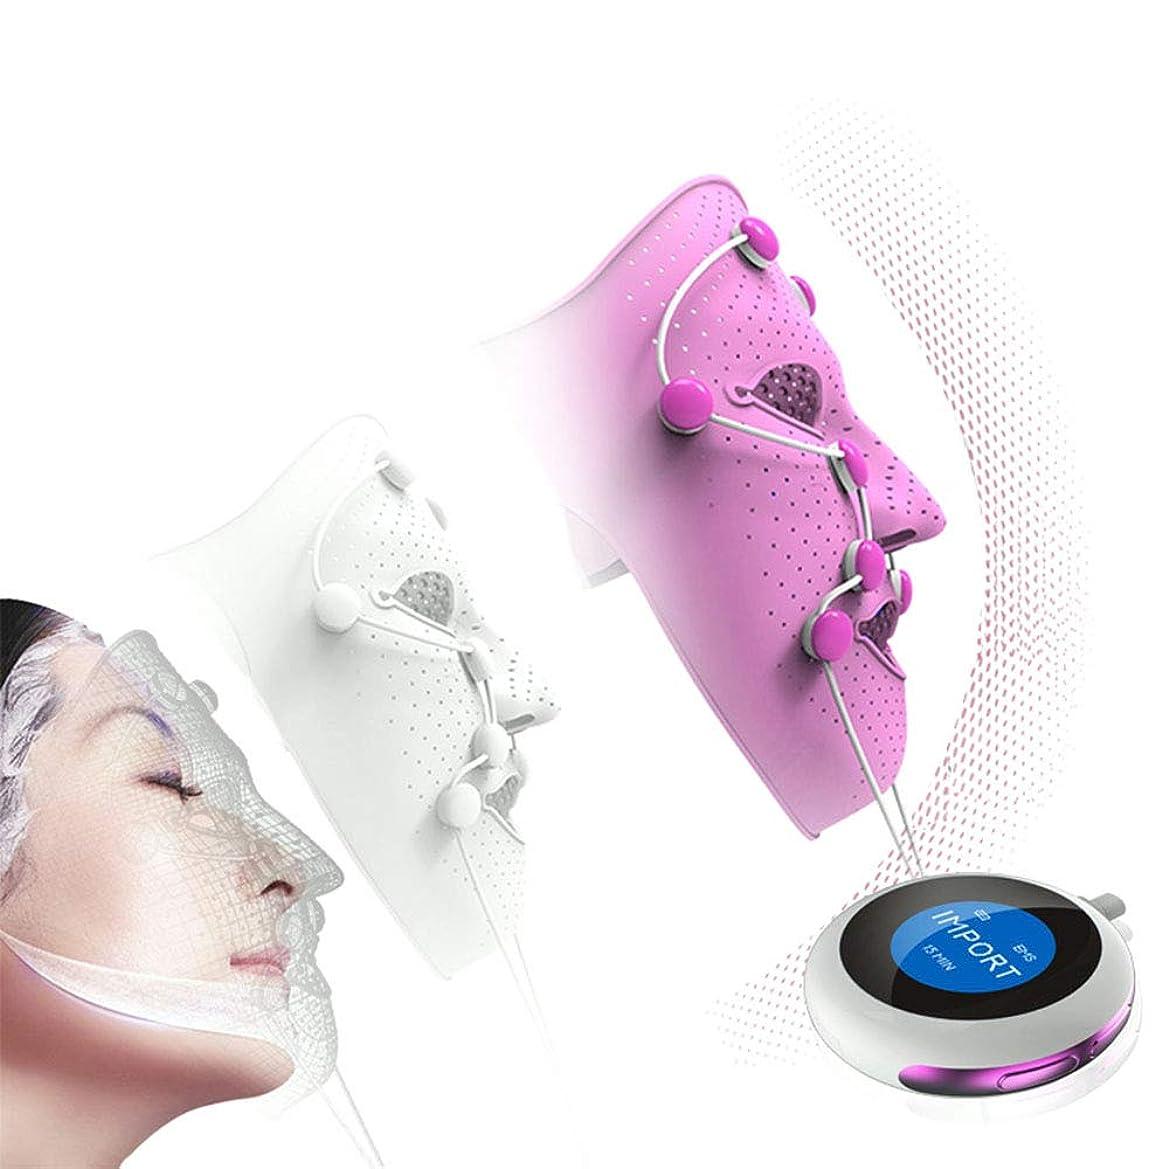 ブラシ人形示すマスクの器械の美の表面カバーEMSの顔の解毒の美装置